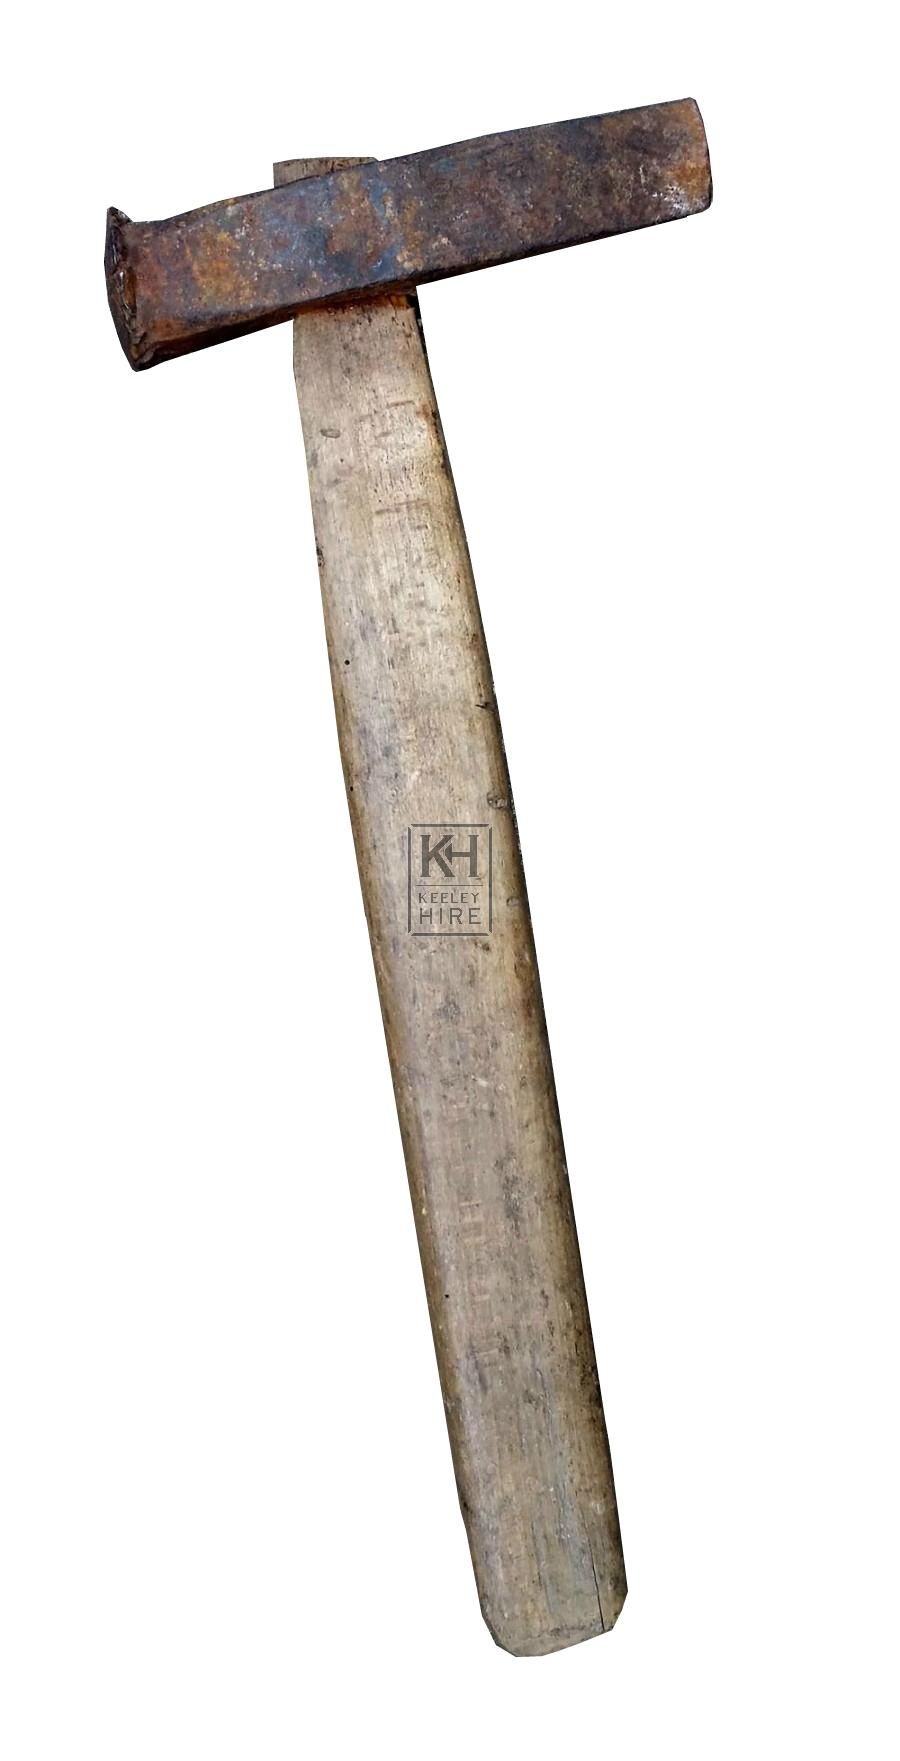 Iron & wood mallet